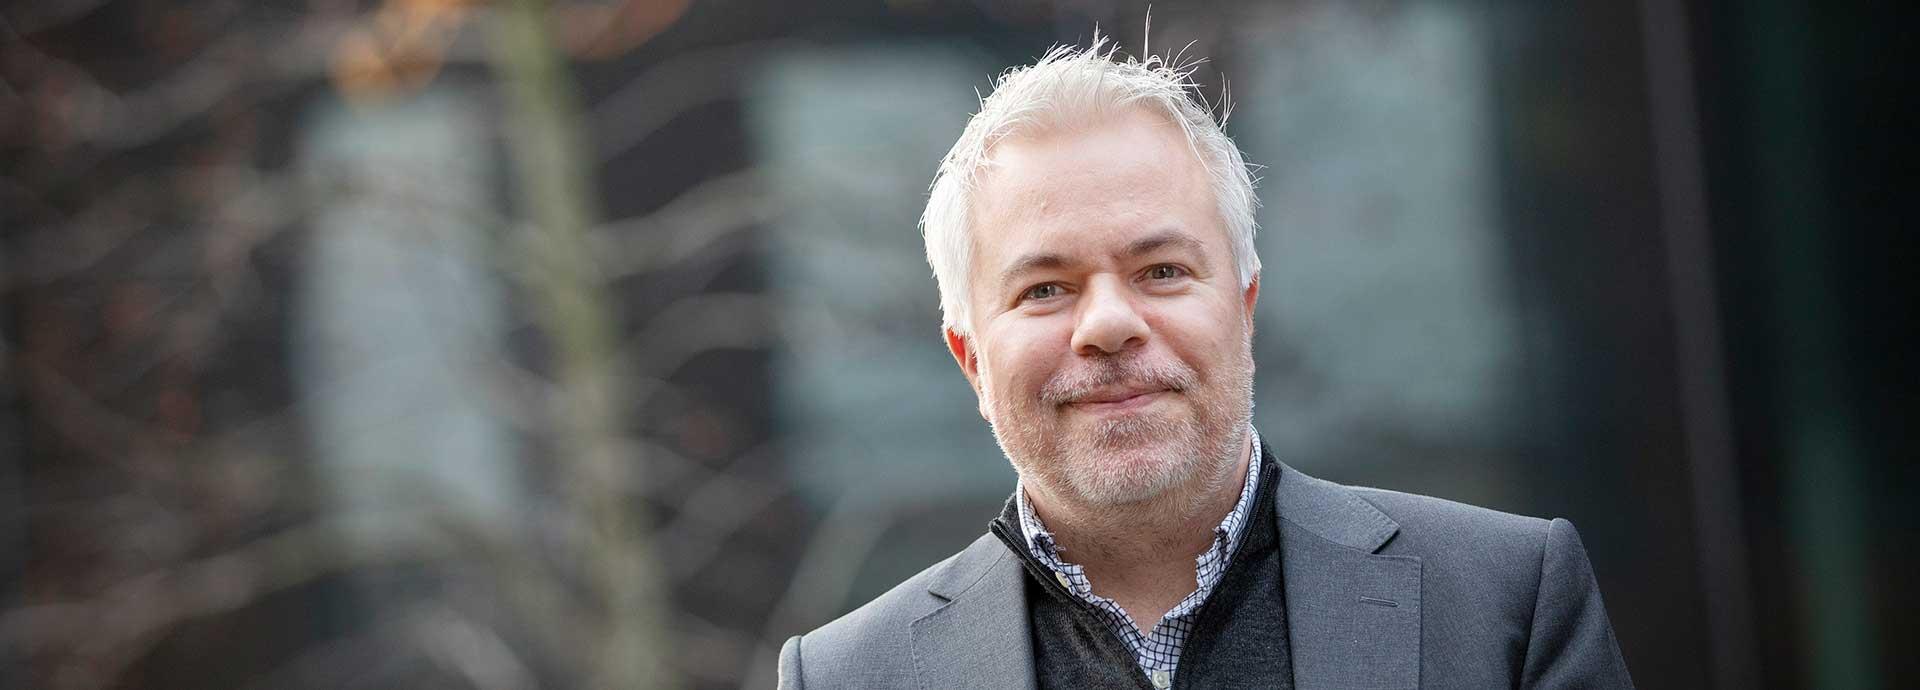 In Conversation with Wärtsilä's sustainability expert